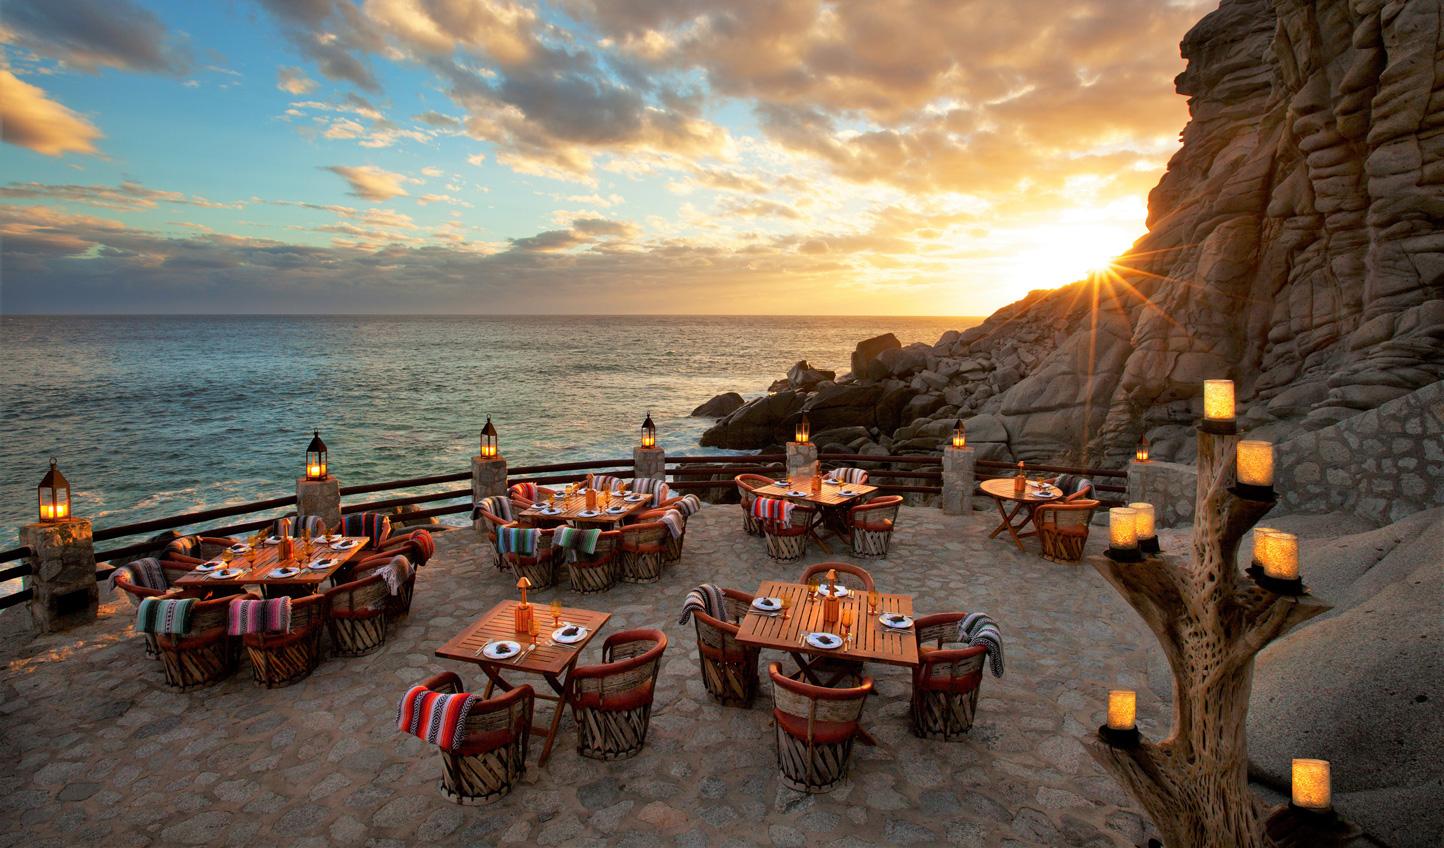 Dine on a cliff edge at El Farallon